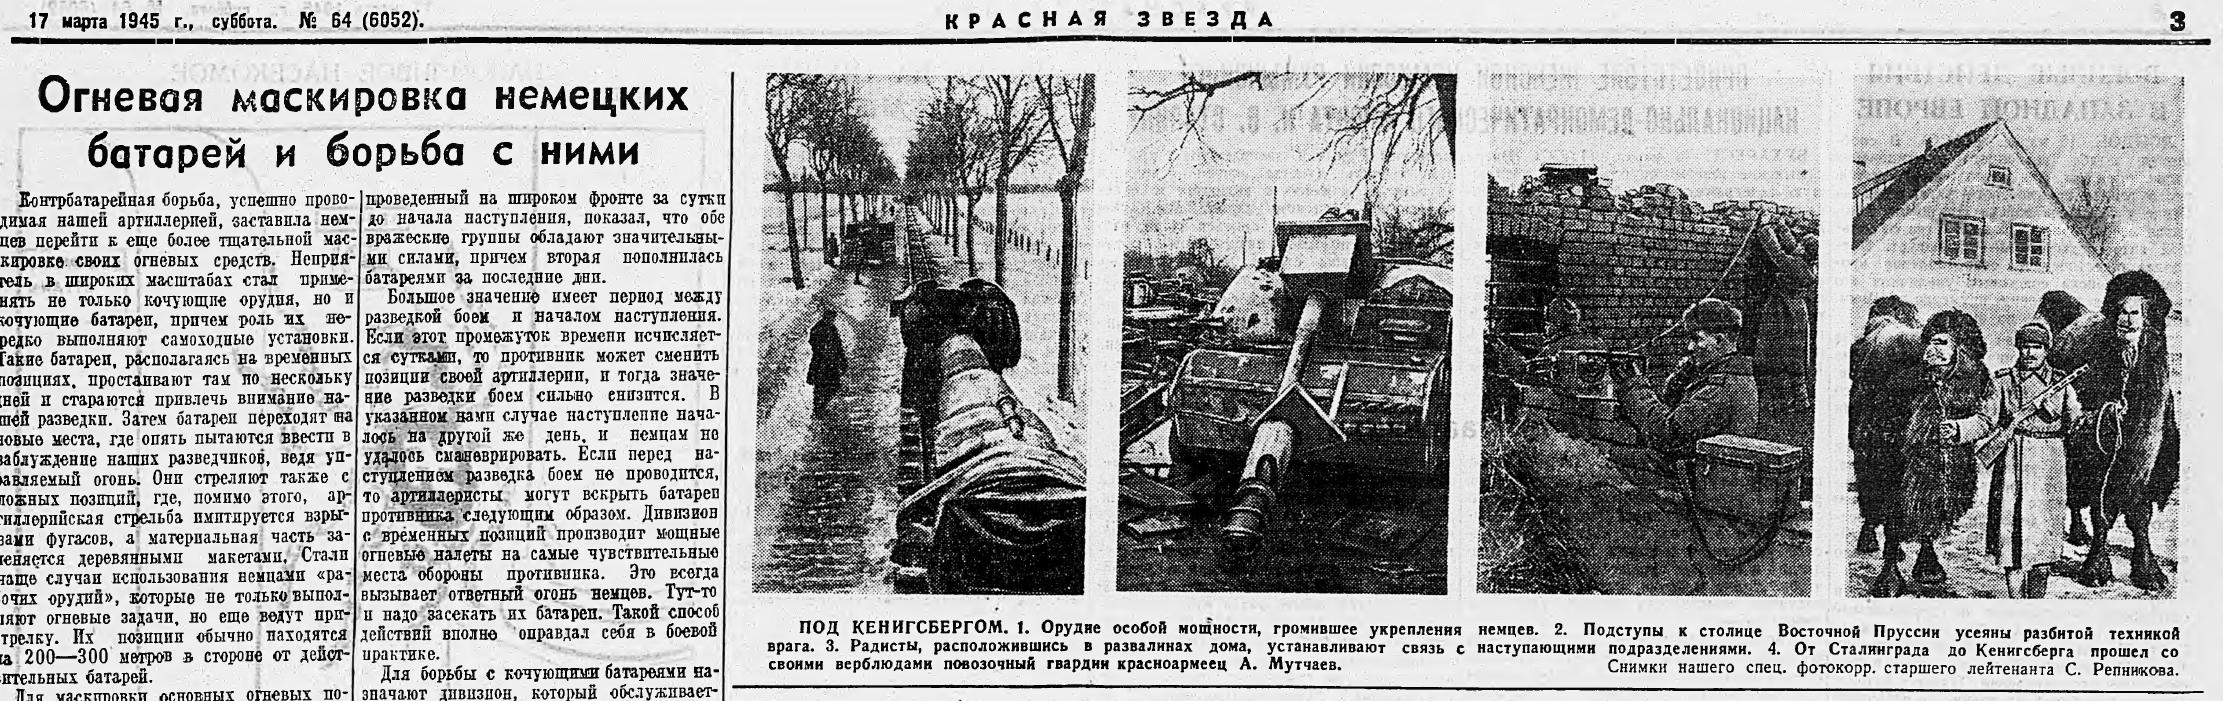 Котелкин В. Огневая маскировка немецких батарей и борьба с ними - Красная звезда, 17 марта 1945 г., N64 (6052)